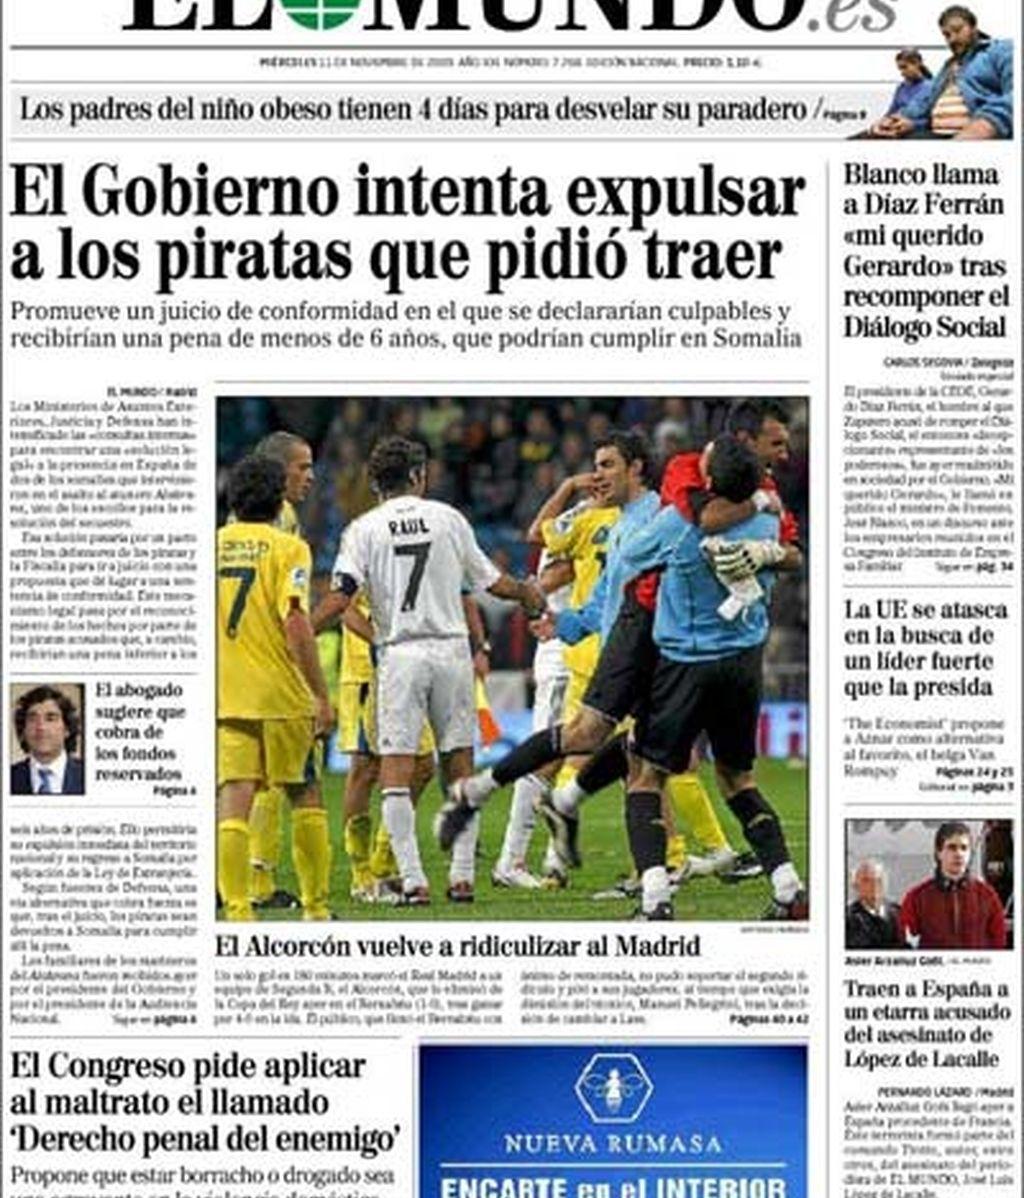 'El Alcorcón vuelve a ridiculizar al Madrid'